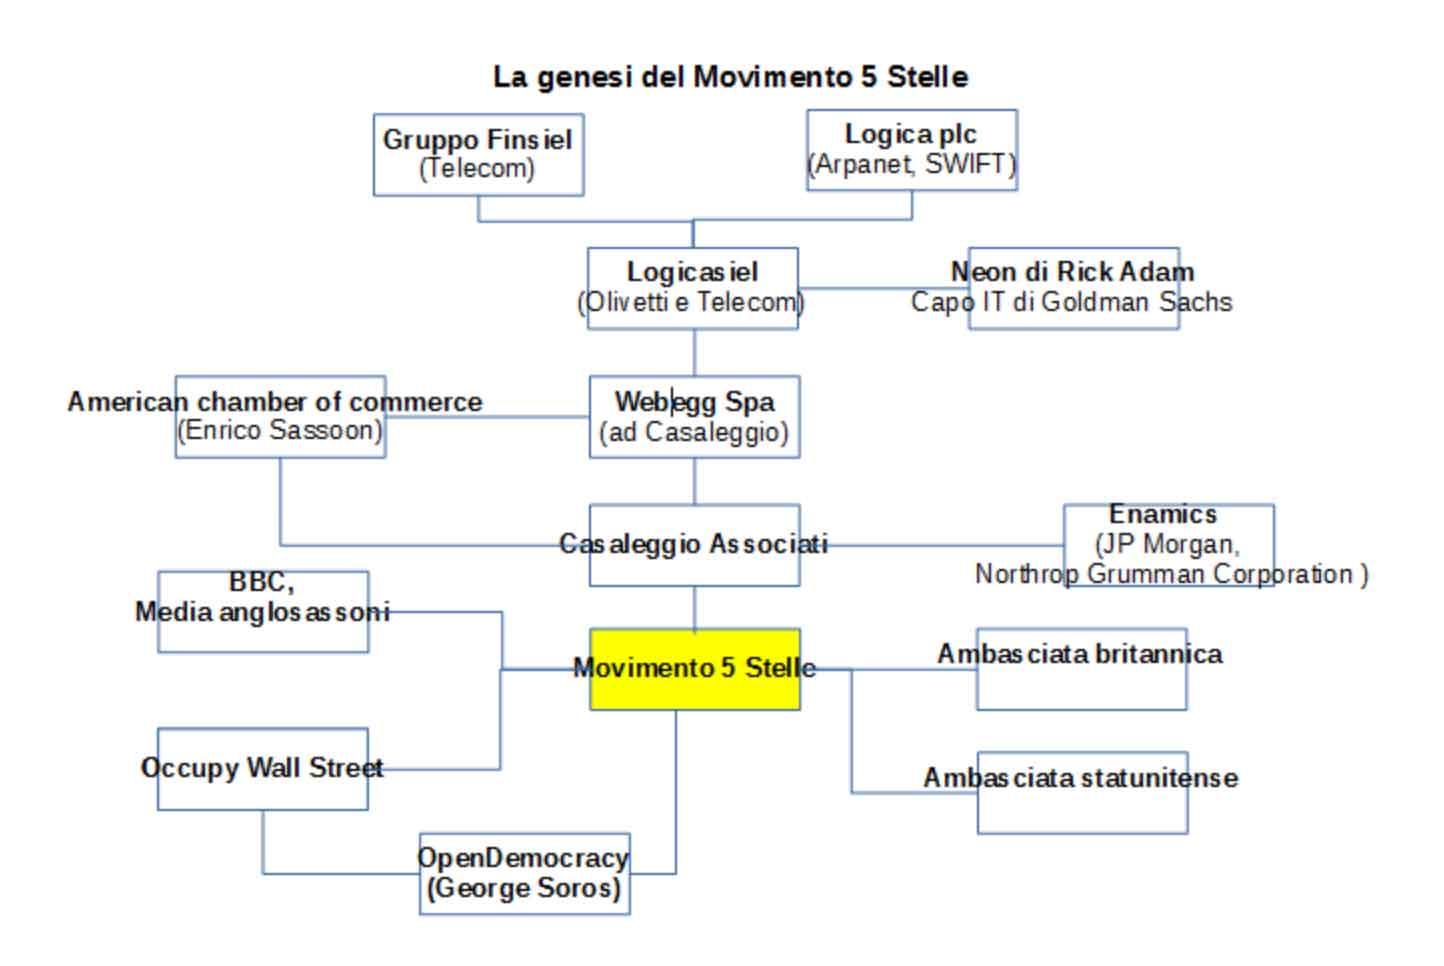 Il Movimento 5 Stelle una falsa bandiera  per mantenere l'Italia un paese a sovranità atlantica